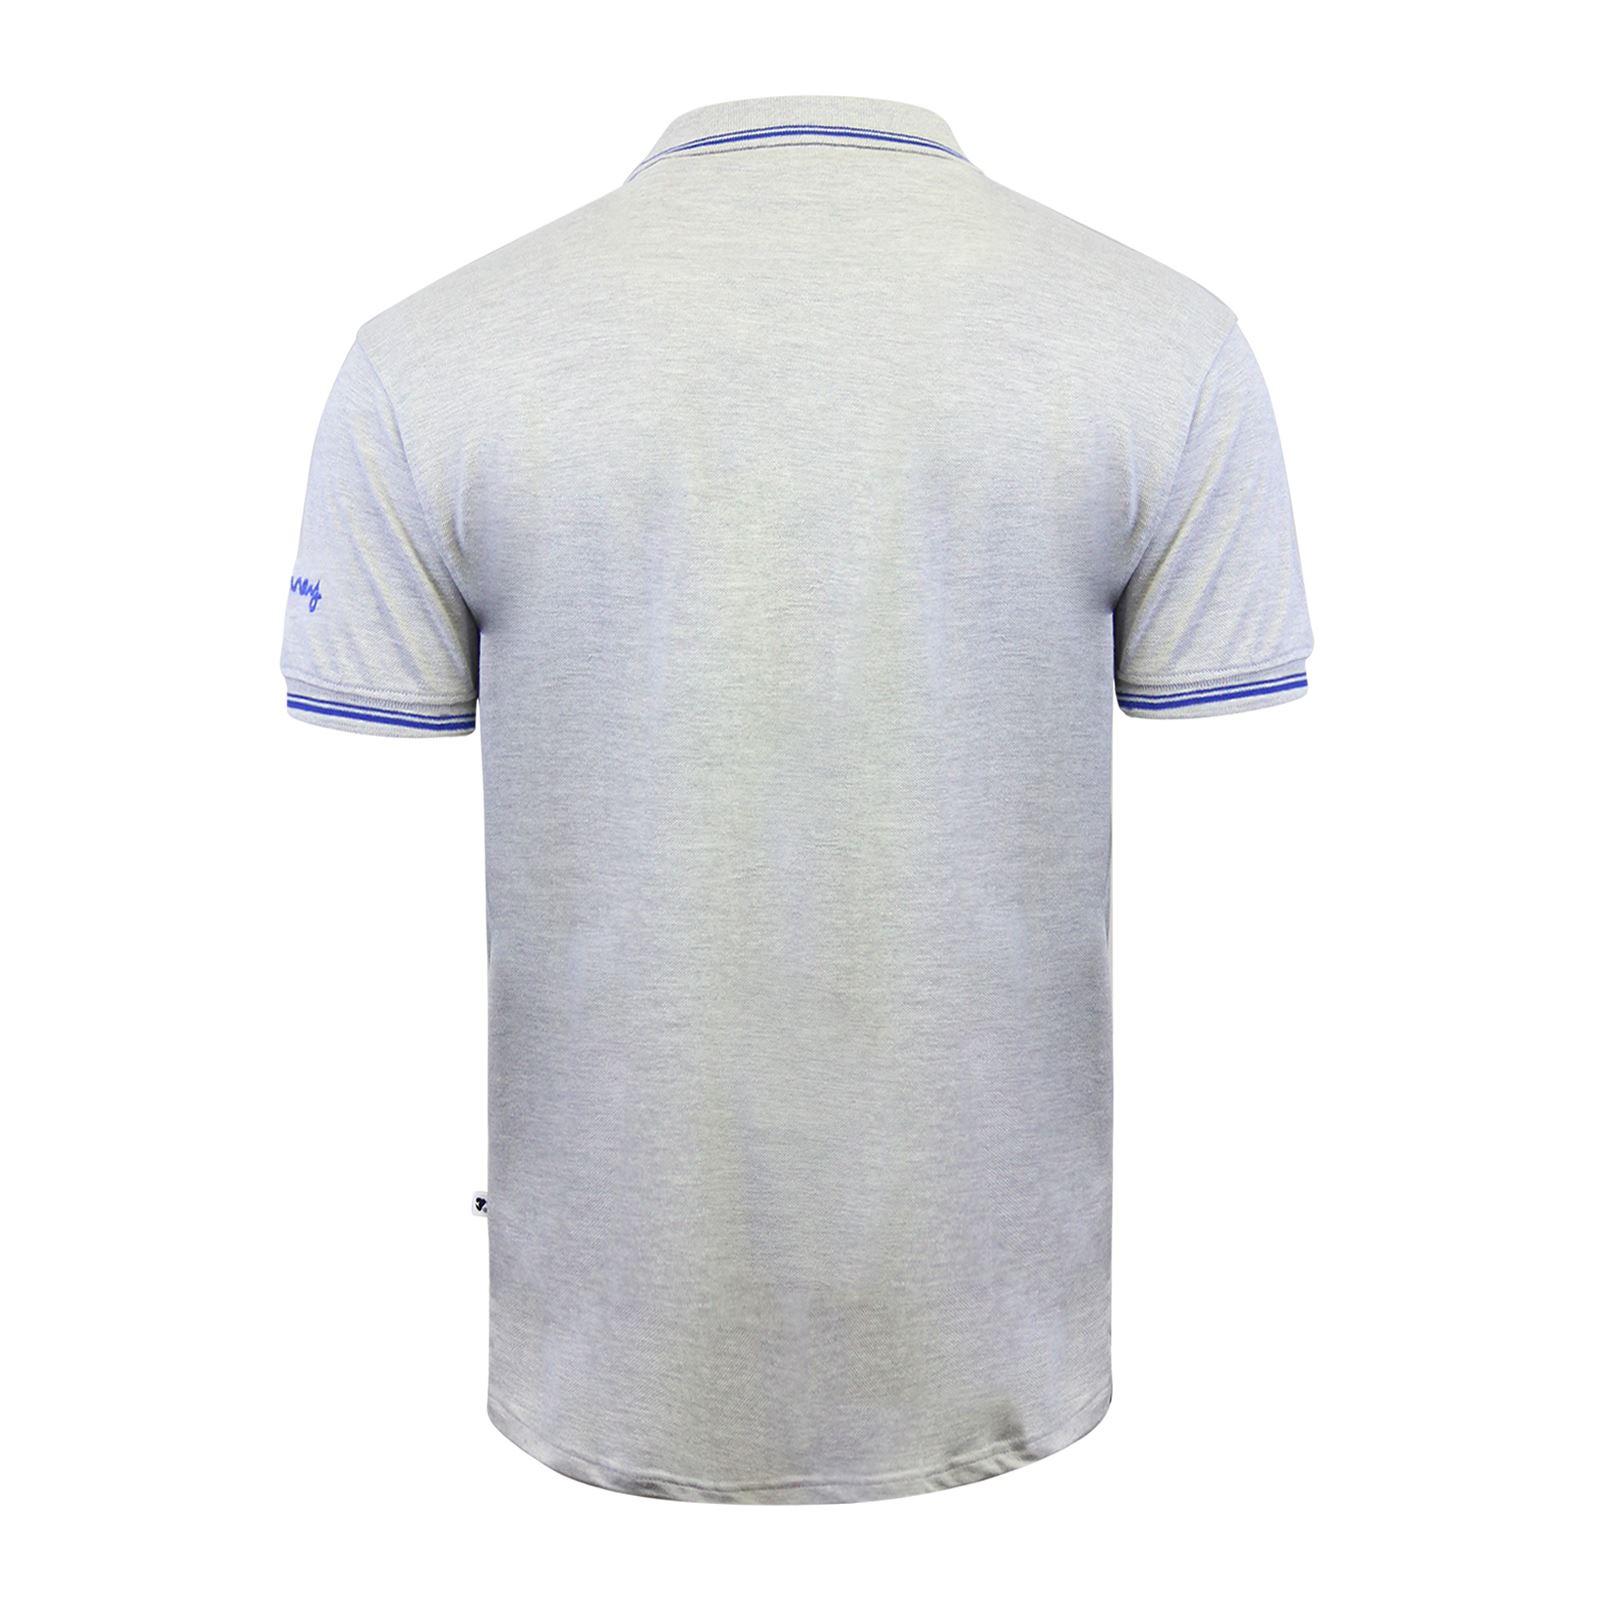 Argent-Comp-pour-Homme-Polo-Shirt-a-Manches-Courtes-en-Coton-Col-Haut-Decontracte miniature 9